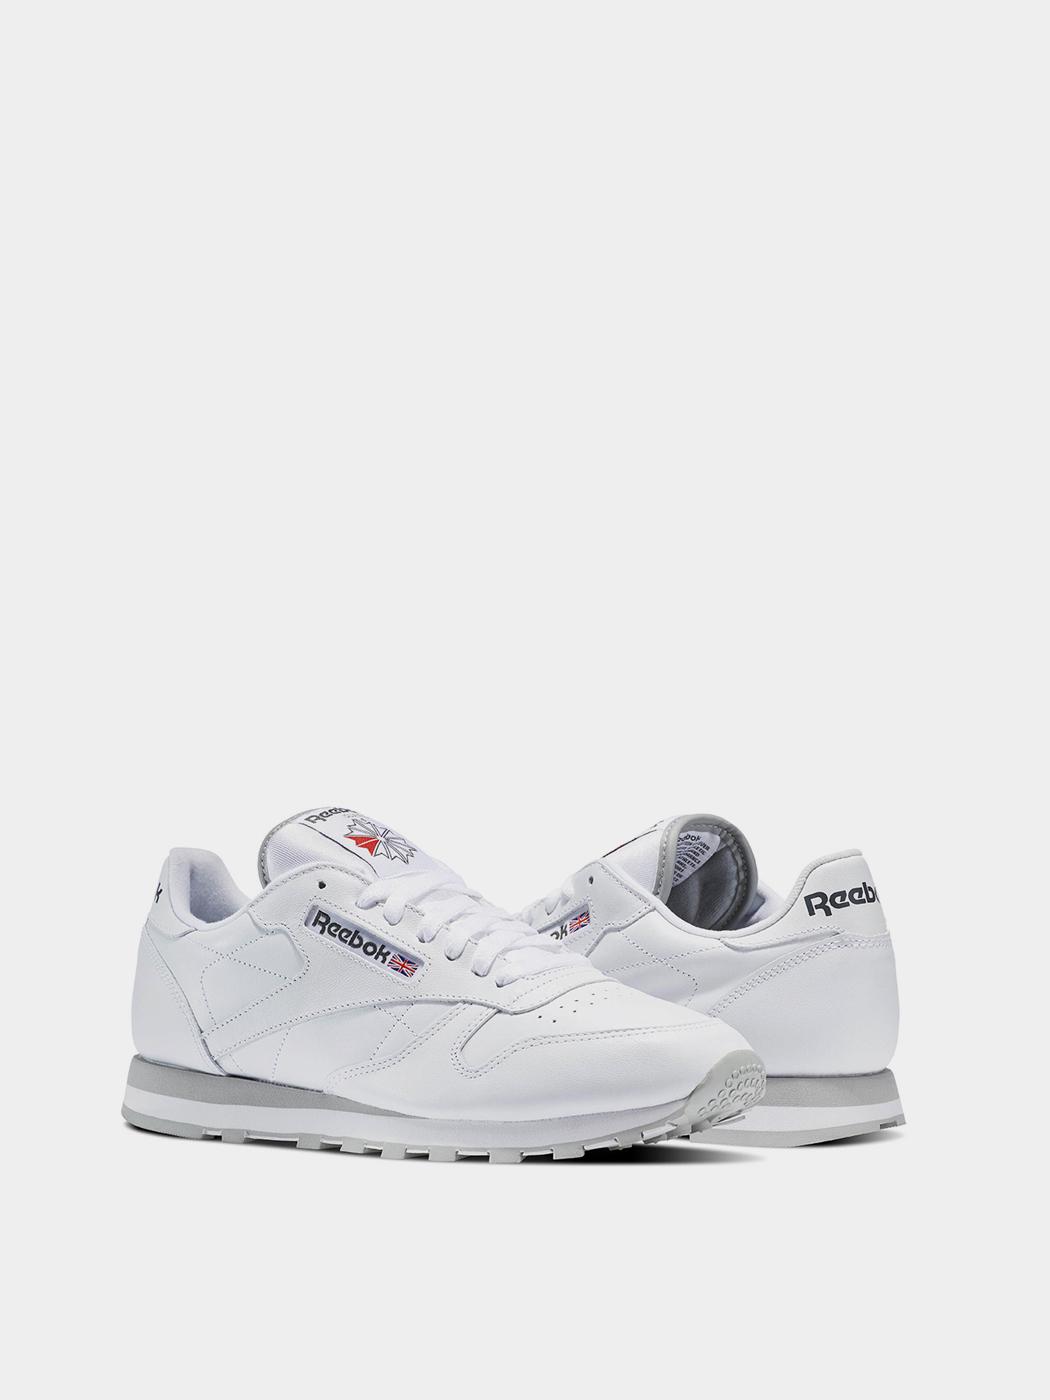 414b214642d8f4 Reebok Кросівки чоловічі модель 0A1. Кросівки для чоловіків Reebok CL LTHR  0A1 розміри взуття, 2017